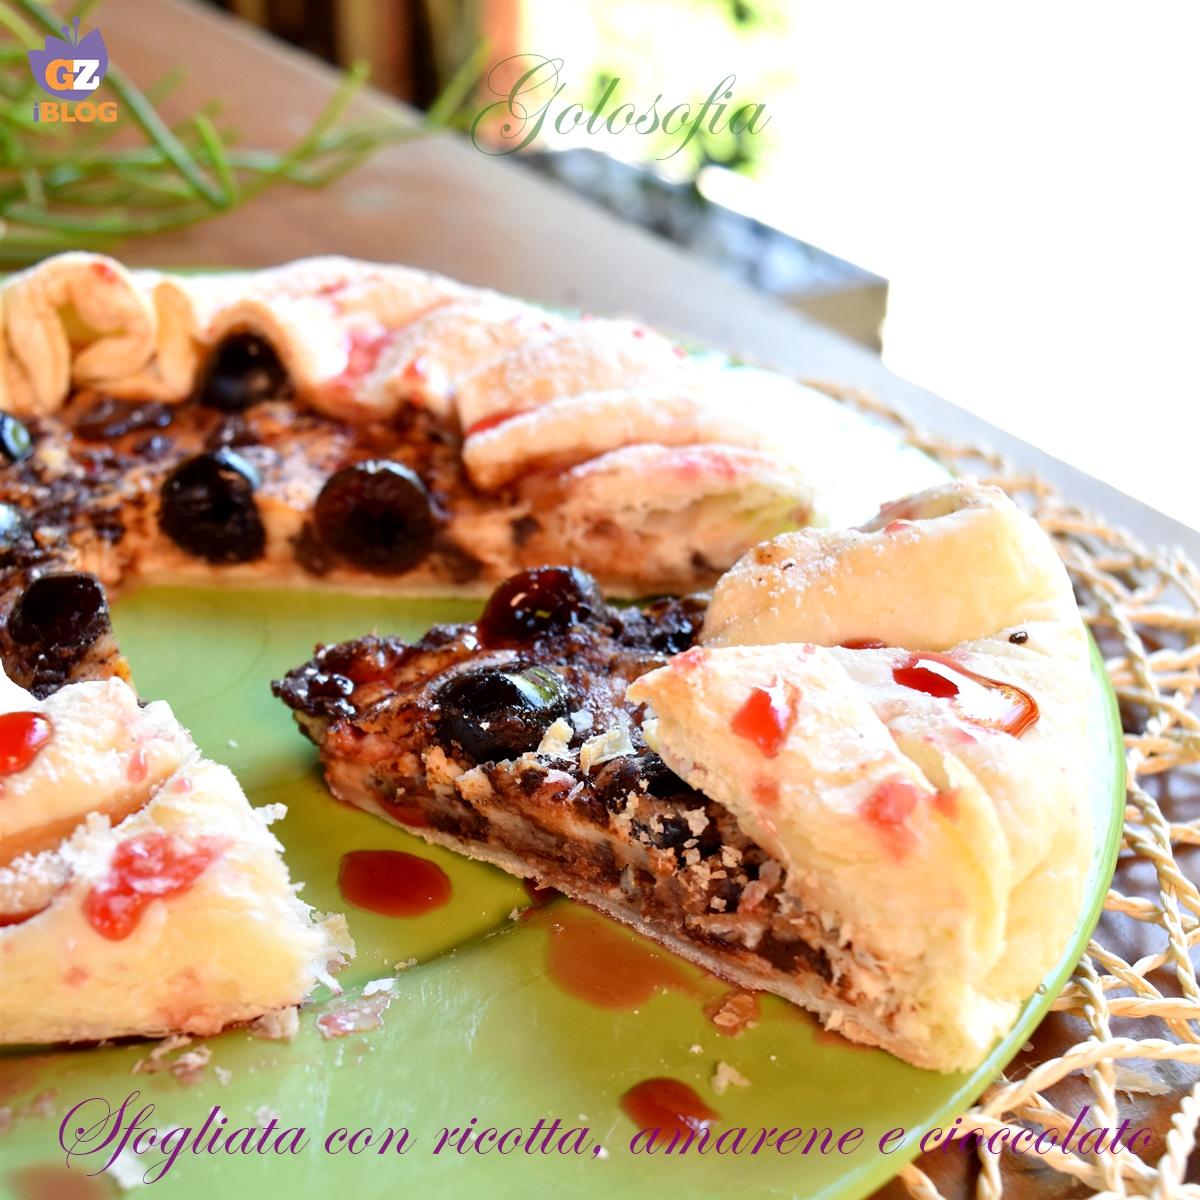 Sfogliata con Ricotta, Amarene e Cioccolato, Ricetta Veloce Golosa